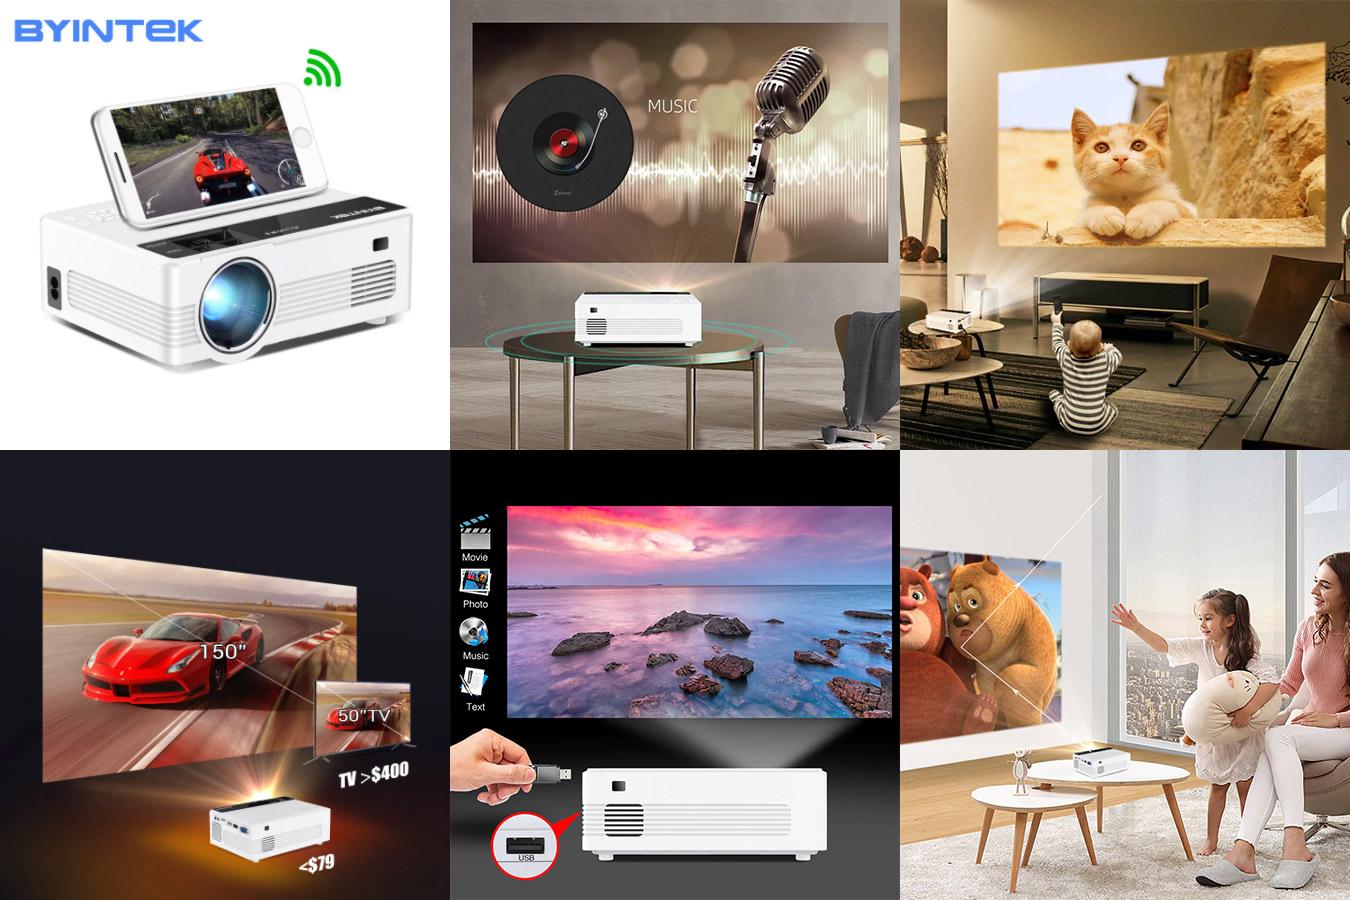 Многофункциональный проектор для мобильных устройств